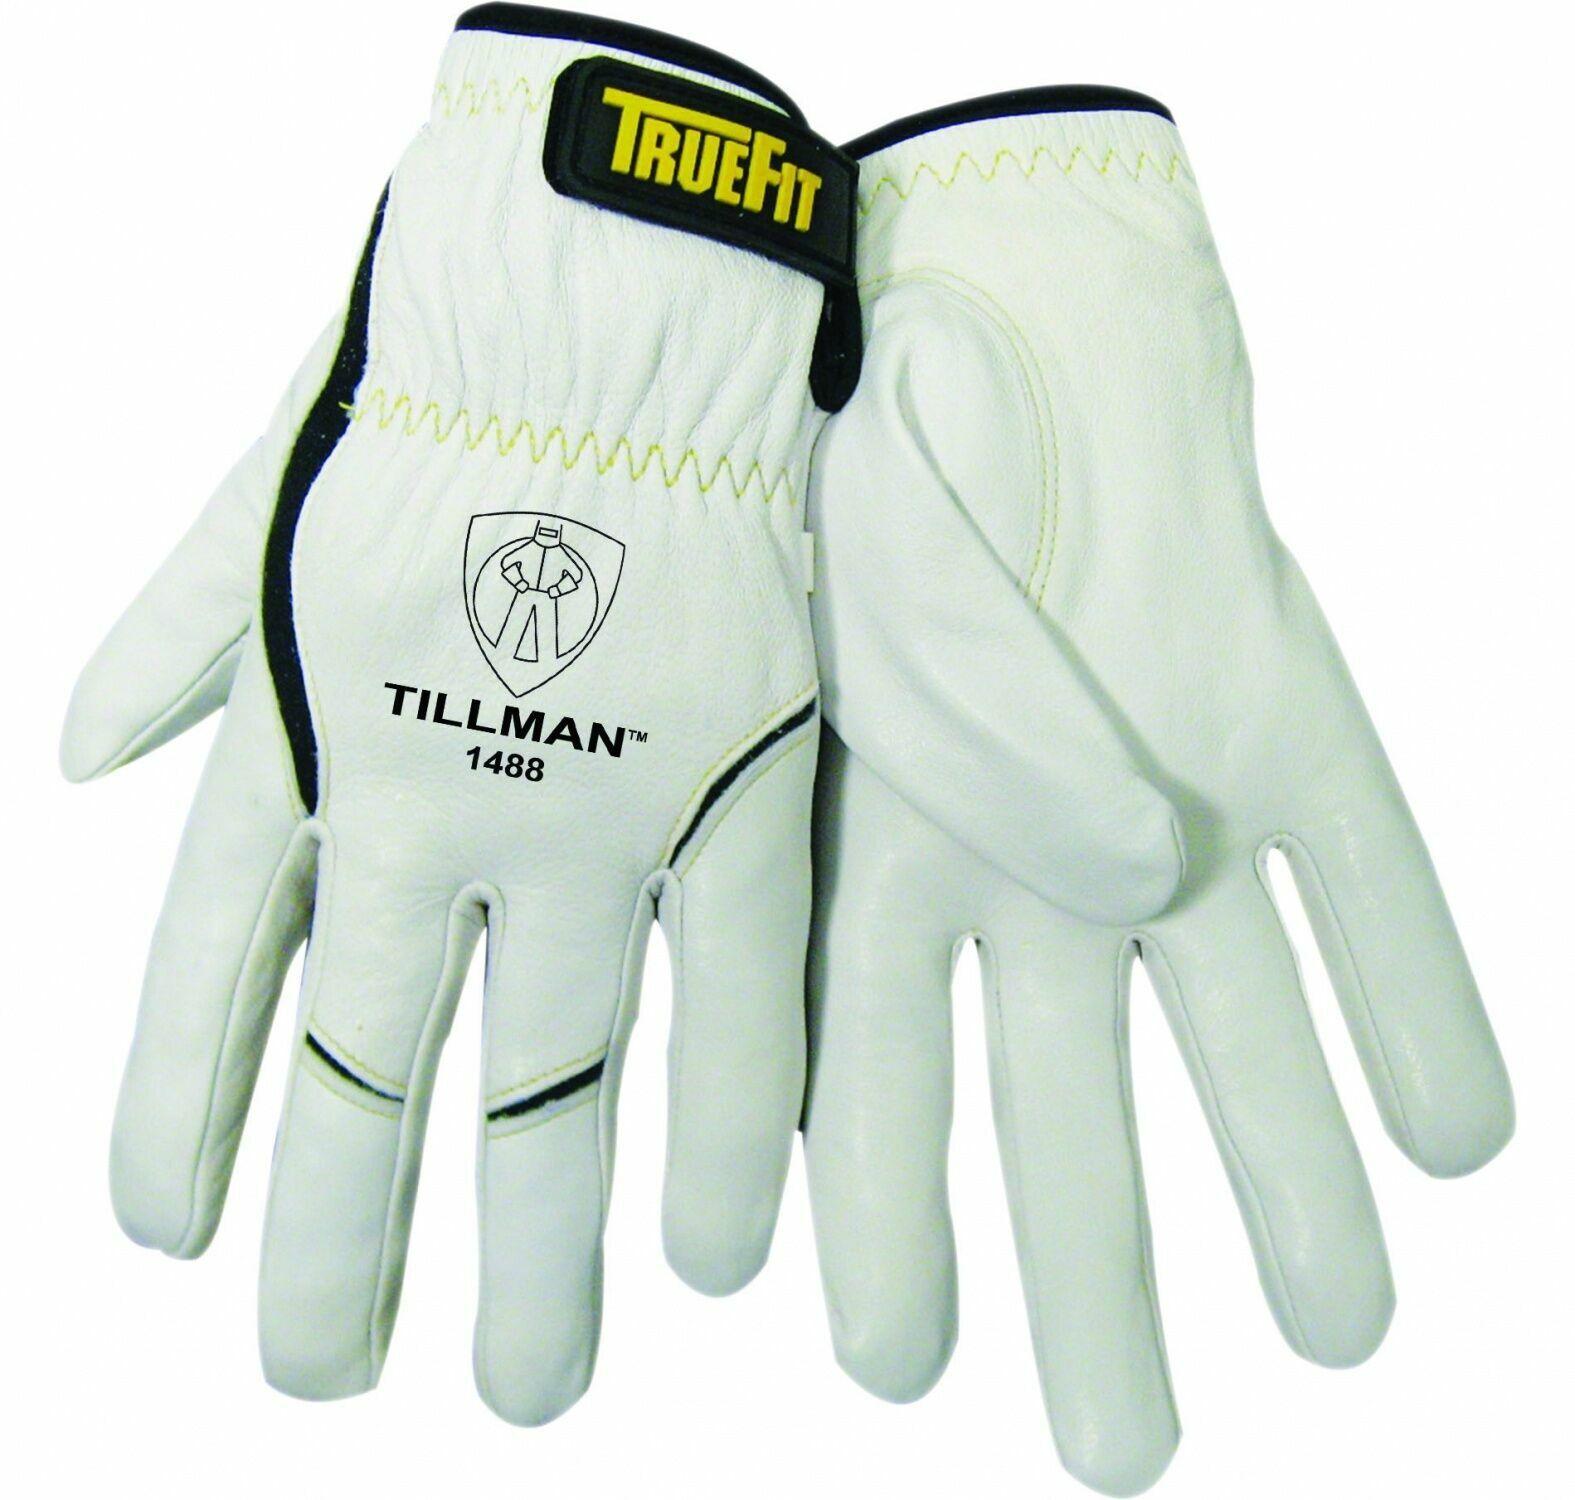 Tillman 1488 Truefit Top Grain Goatskin Tig Welding Gloves Various Size S-XL Business & Industrial